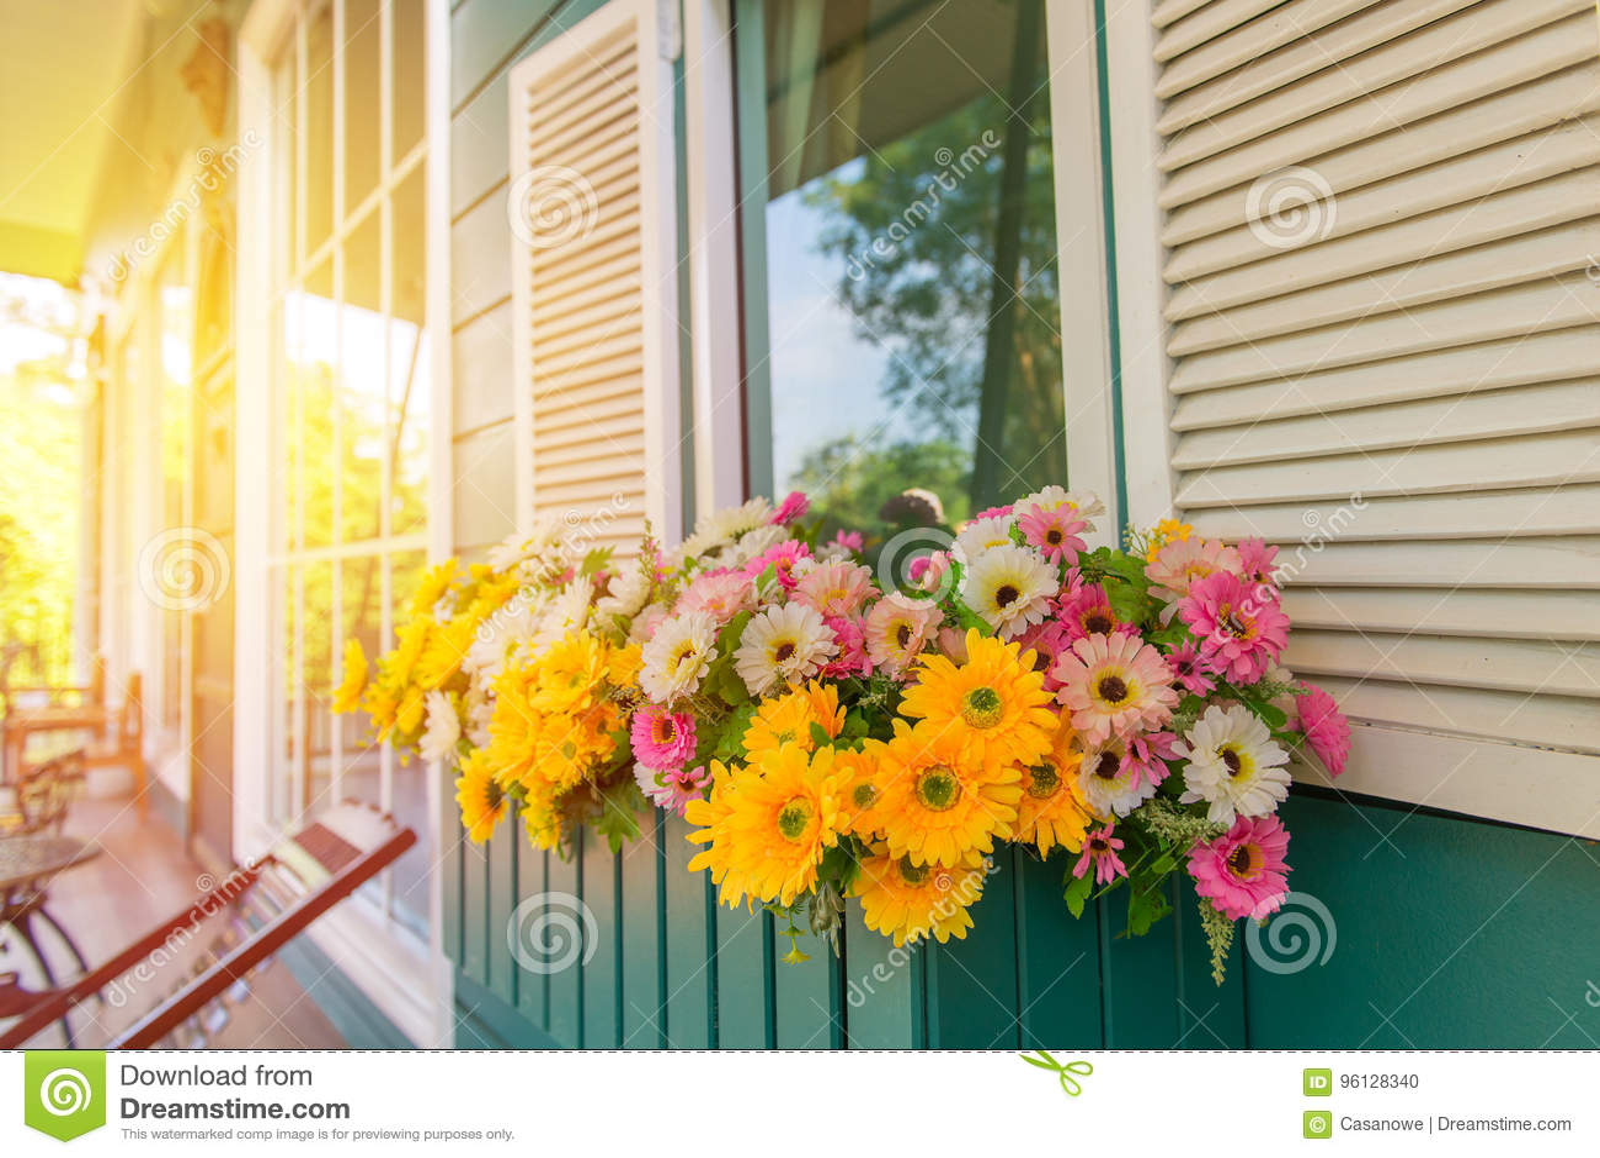 Fenster Mit Blumenkasten Und -fensterläden Zu Hause ...